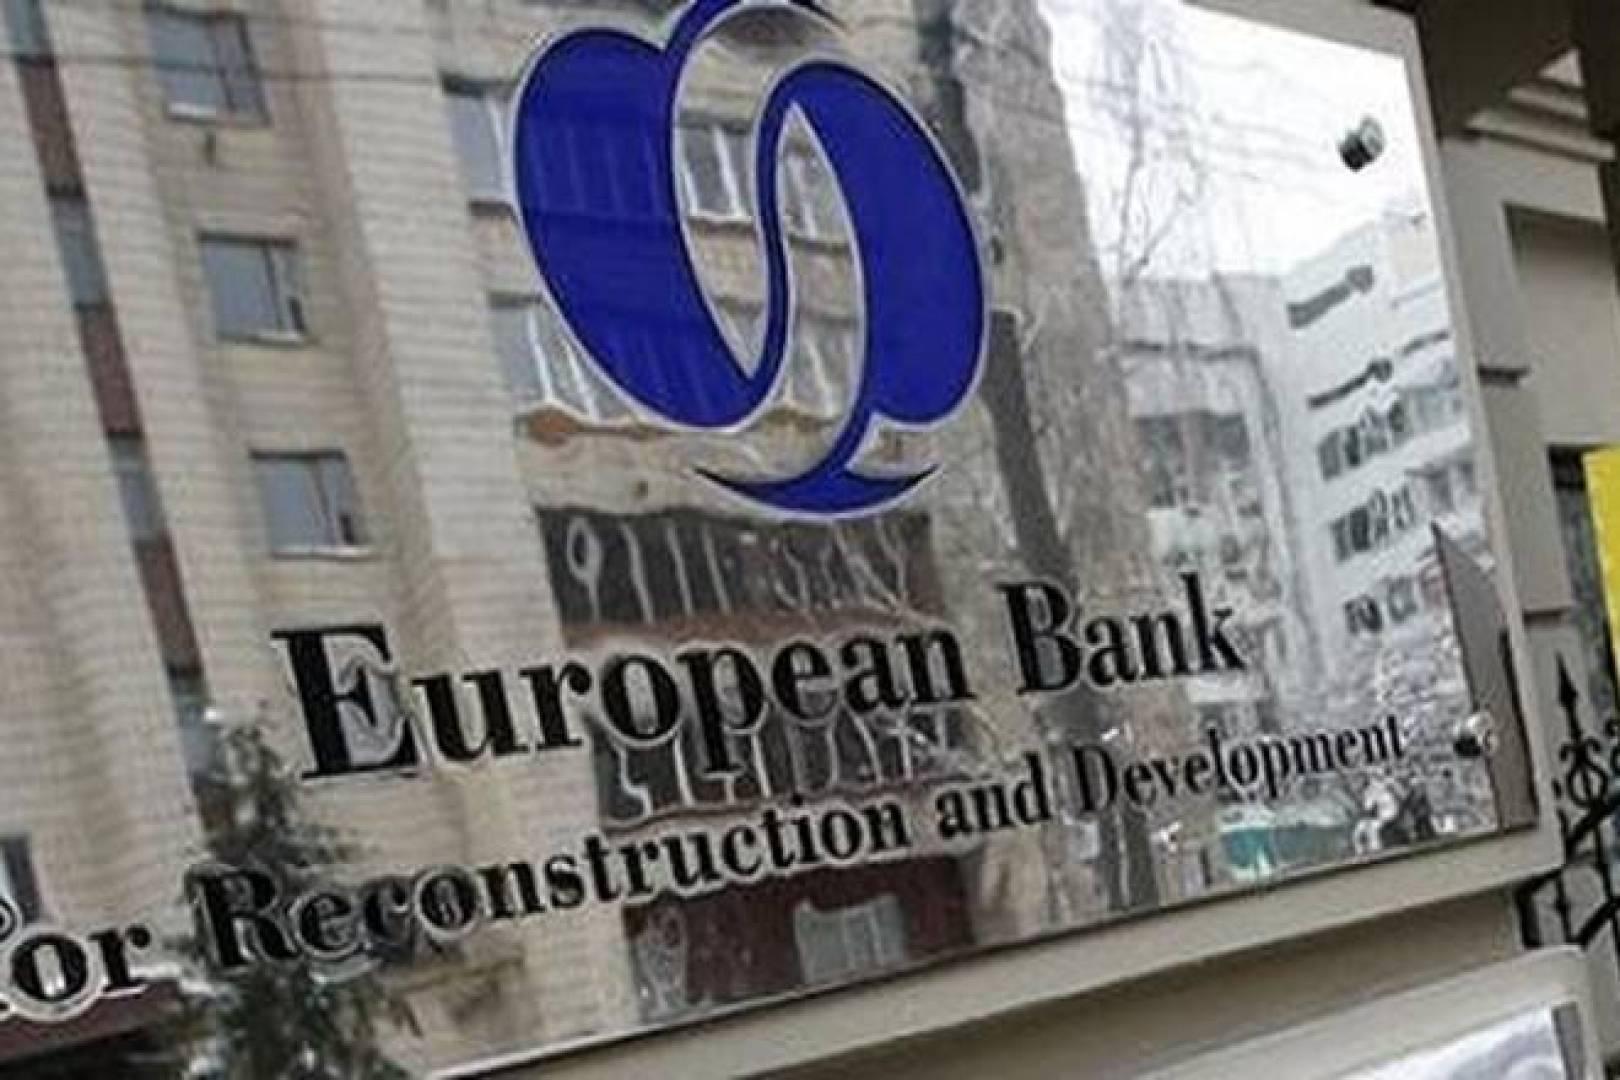 بنك اوروبي للاعمار: انتعاش اقتصادي واسع النطاق في 2018